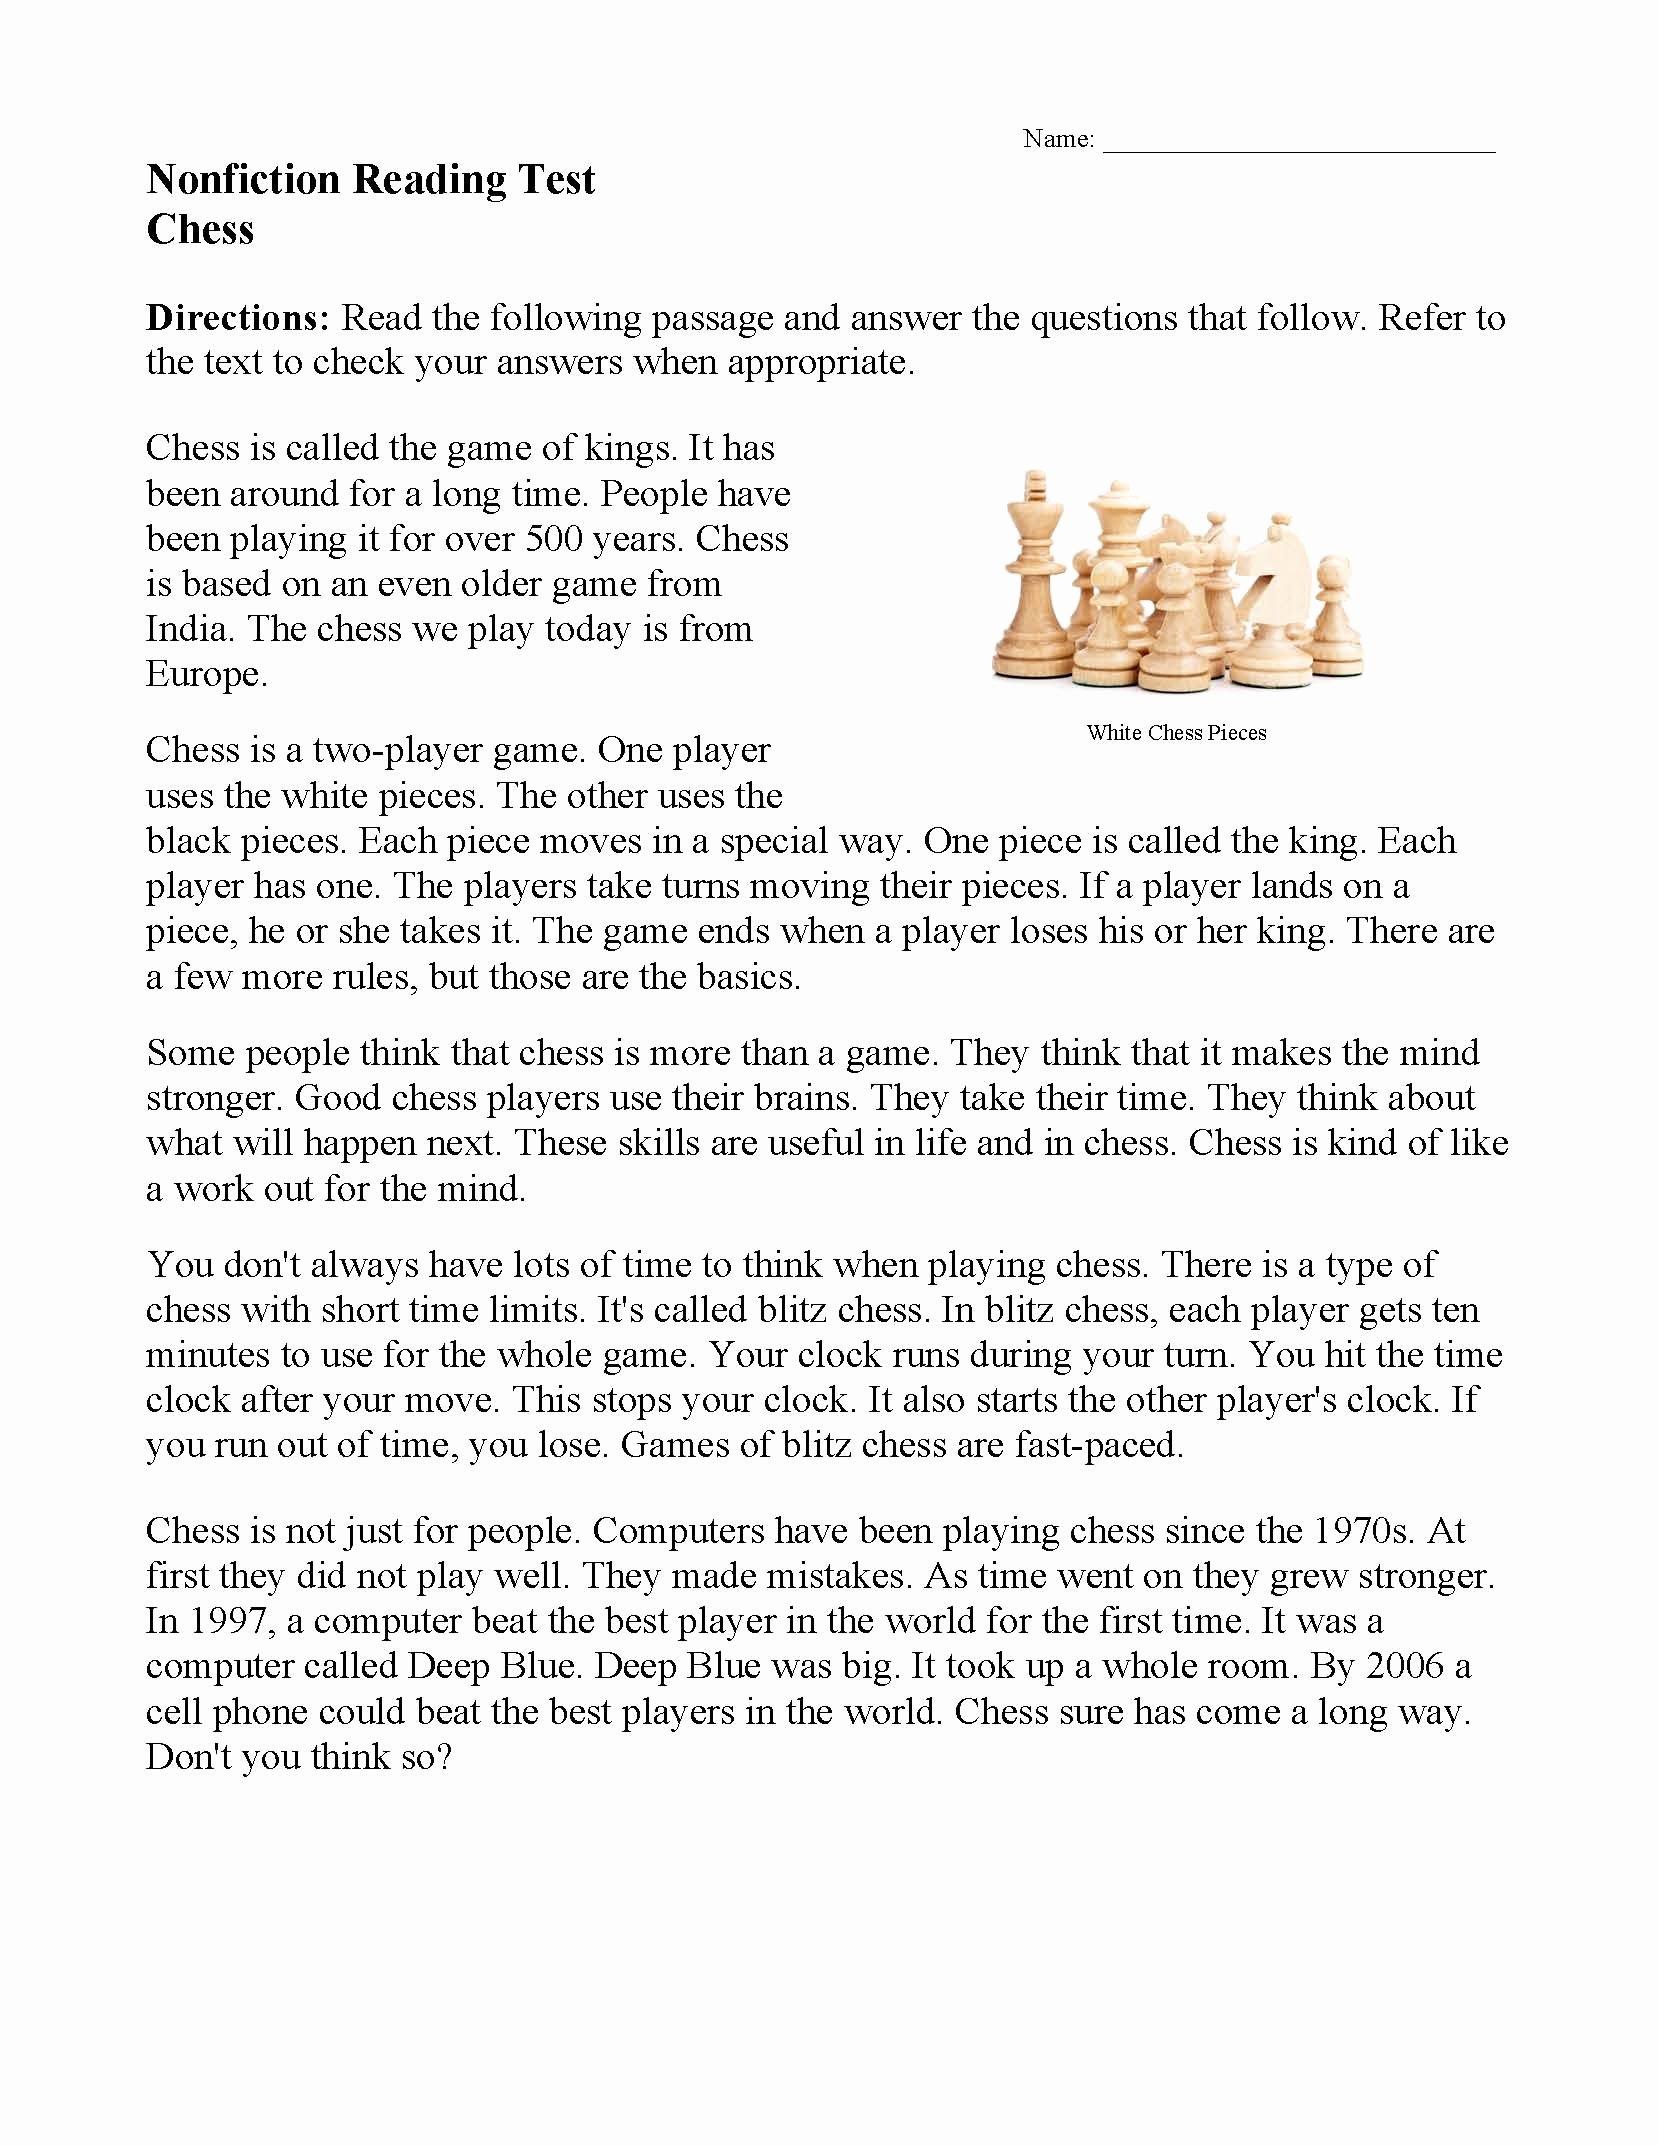 Reading Comprehension 7th Grade Worksheet Printable Reading Prehension Worksheets